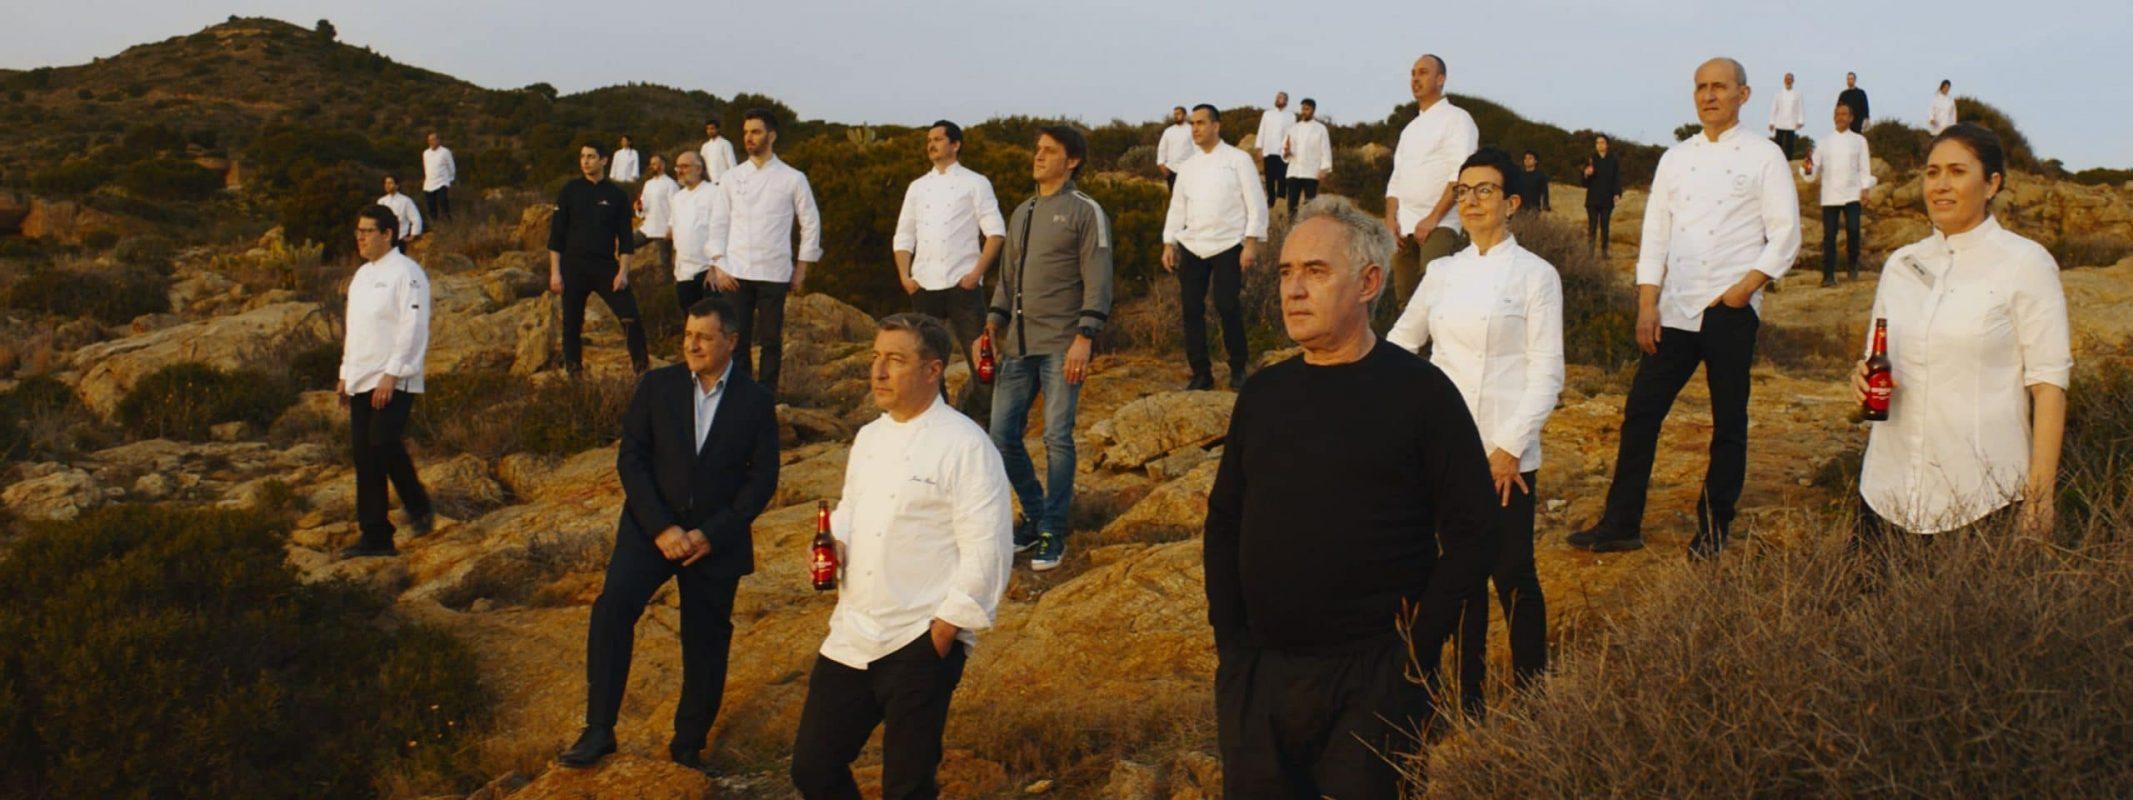 Damm cocina un spot de apoyo al sector de la restauración con 40 chefs